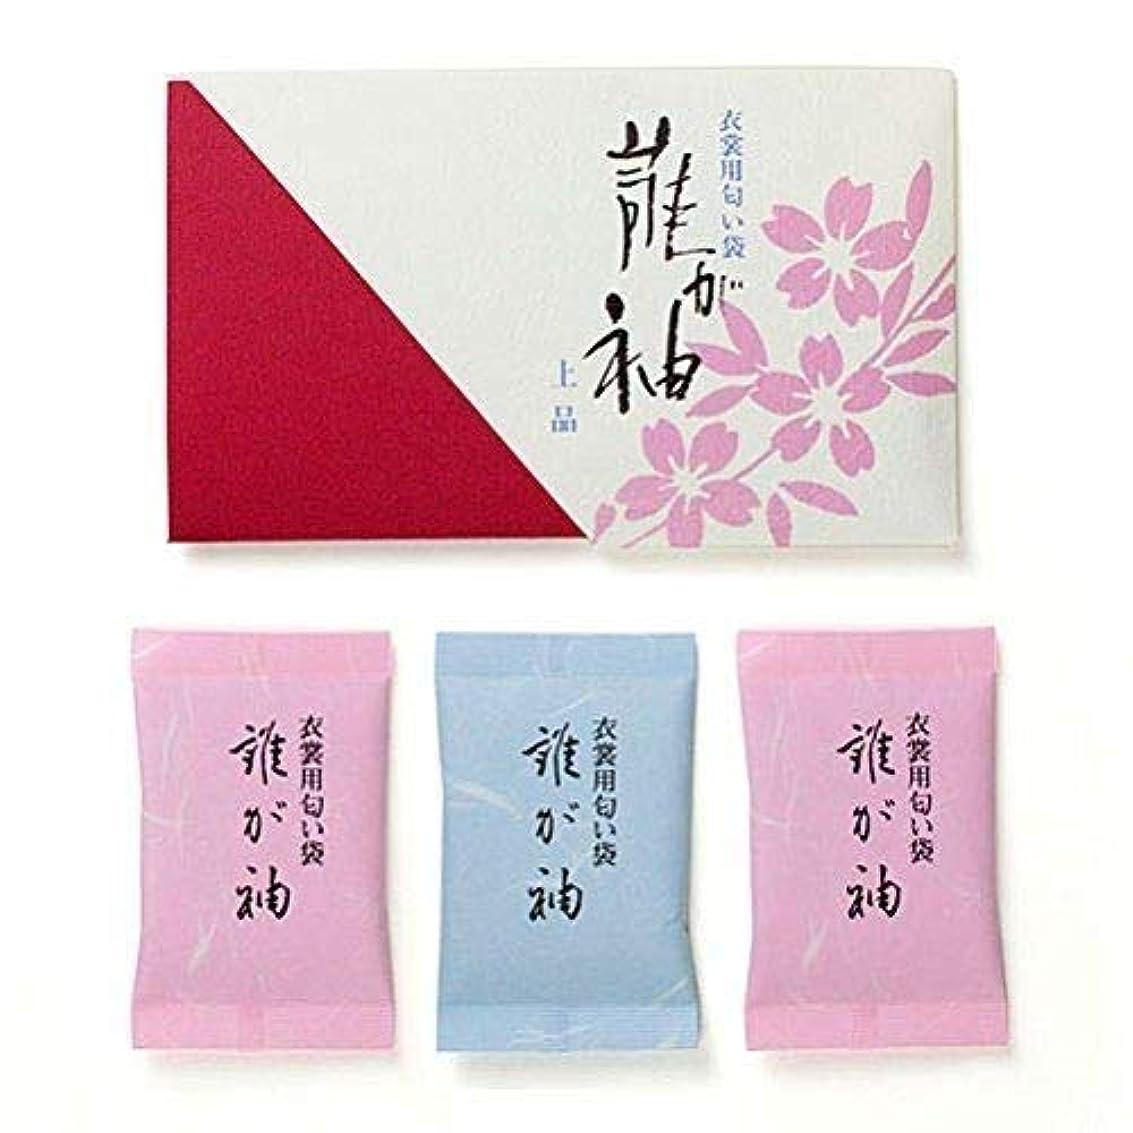 世紀コーン代わりにを立てる誰が袖 衣裳用3入 上品 松栄堂 Shoyeido 衣装用 匂い袋